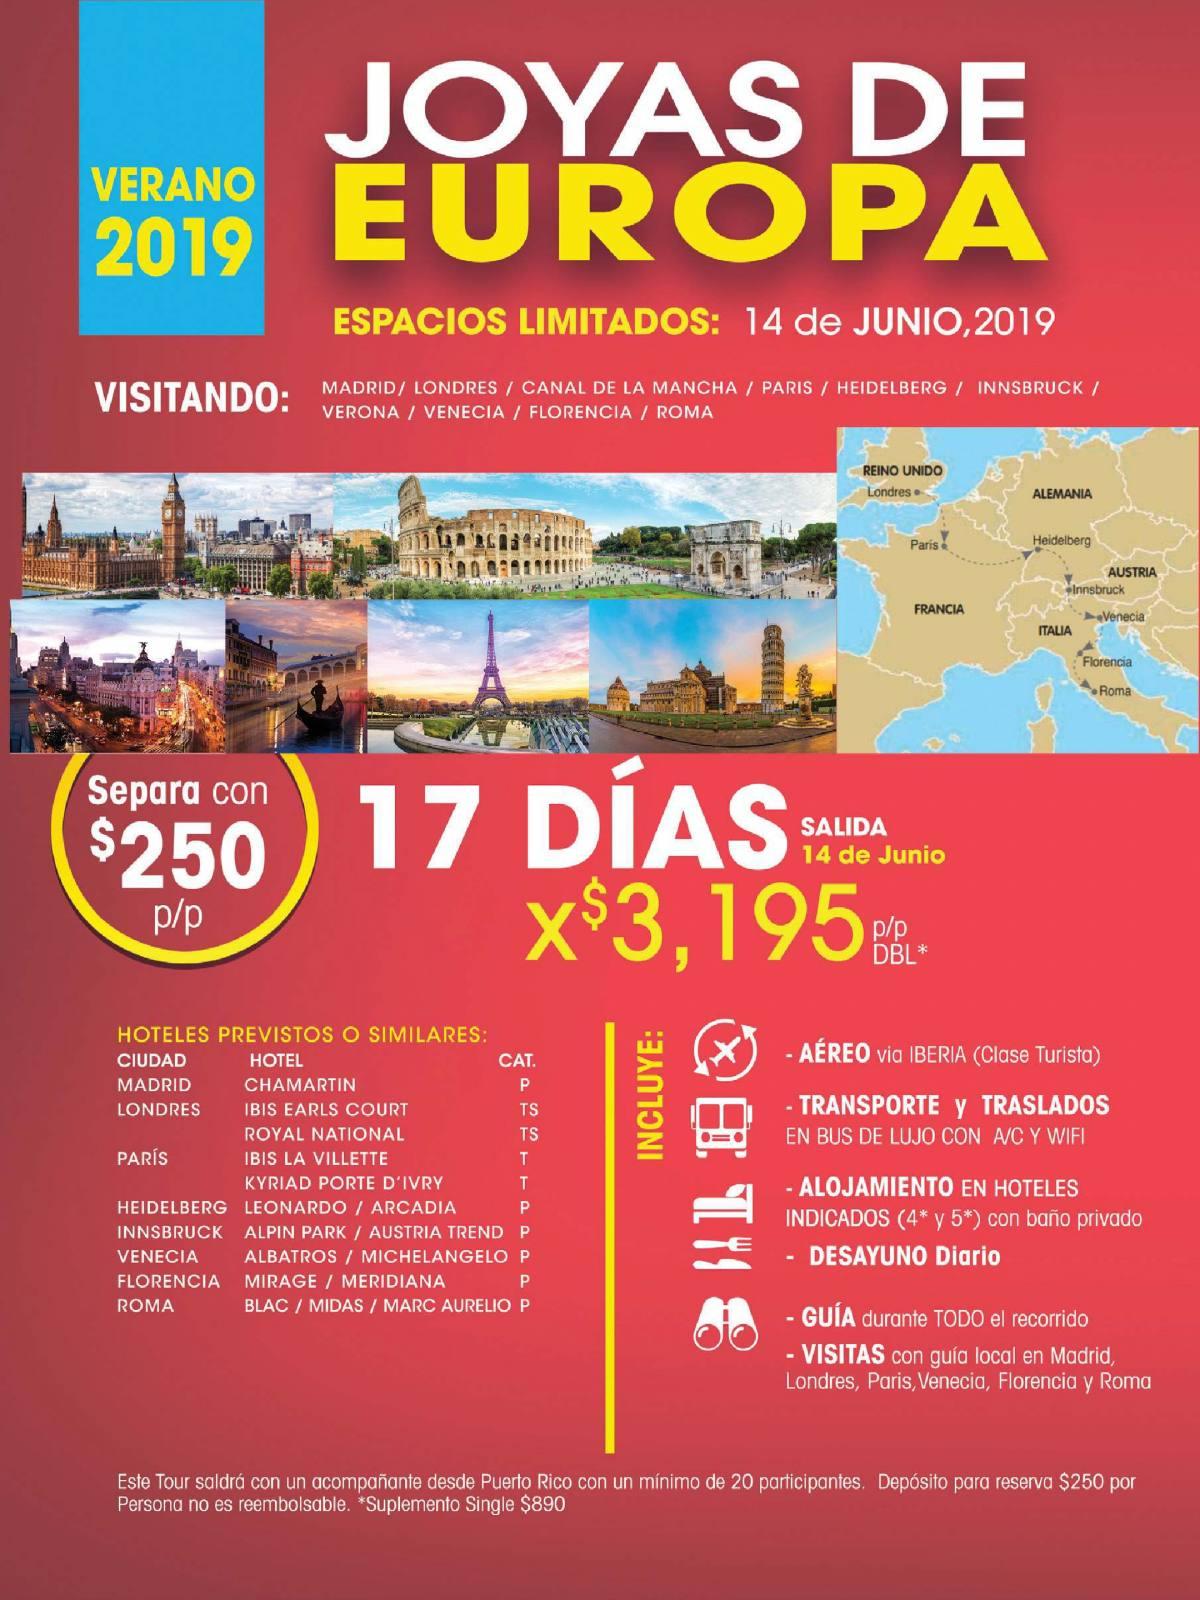 Joyas de Europa 17 Días por 3,195 USD